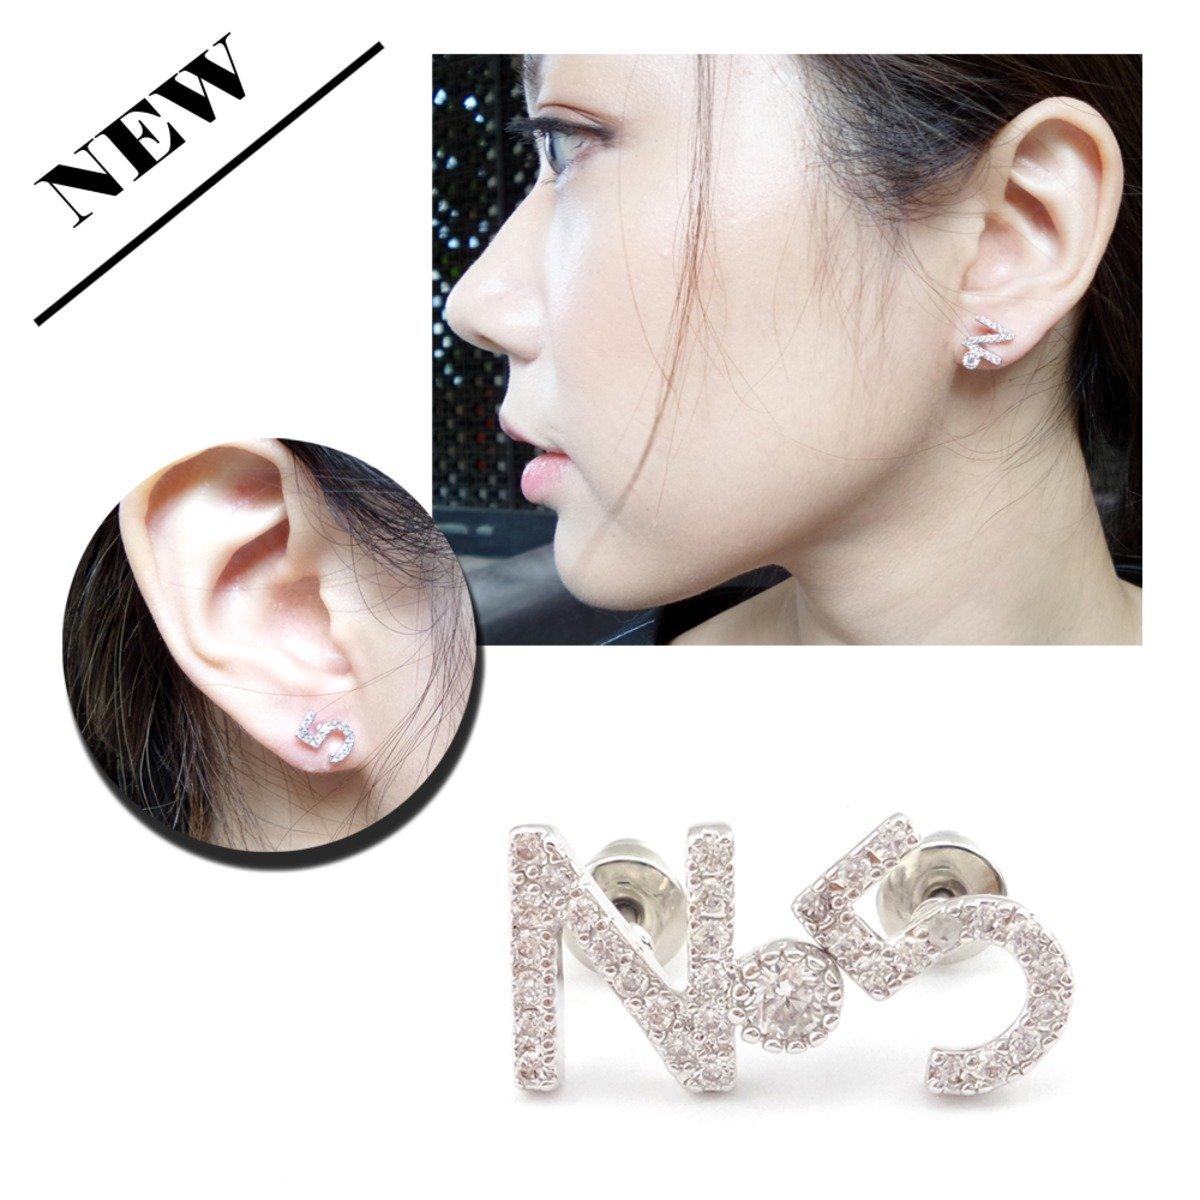 銀色No及5字耳環